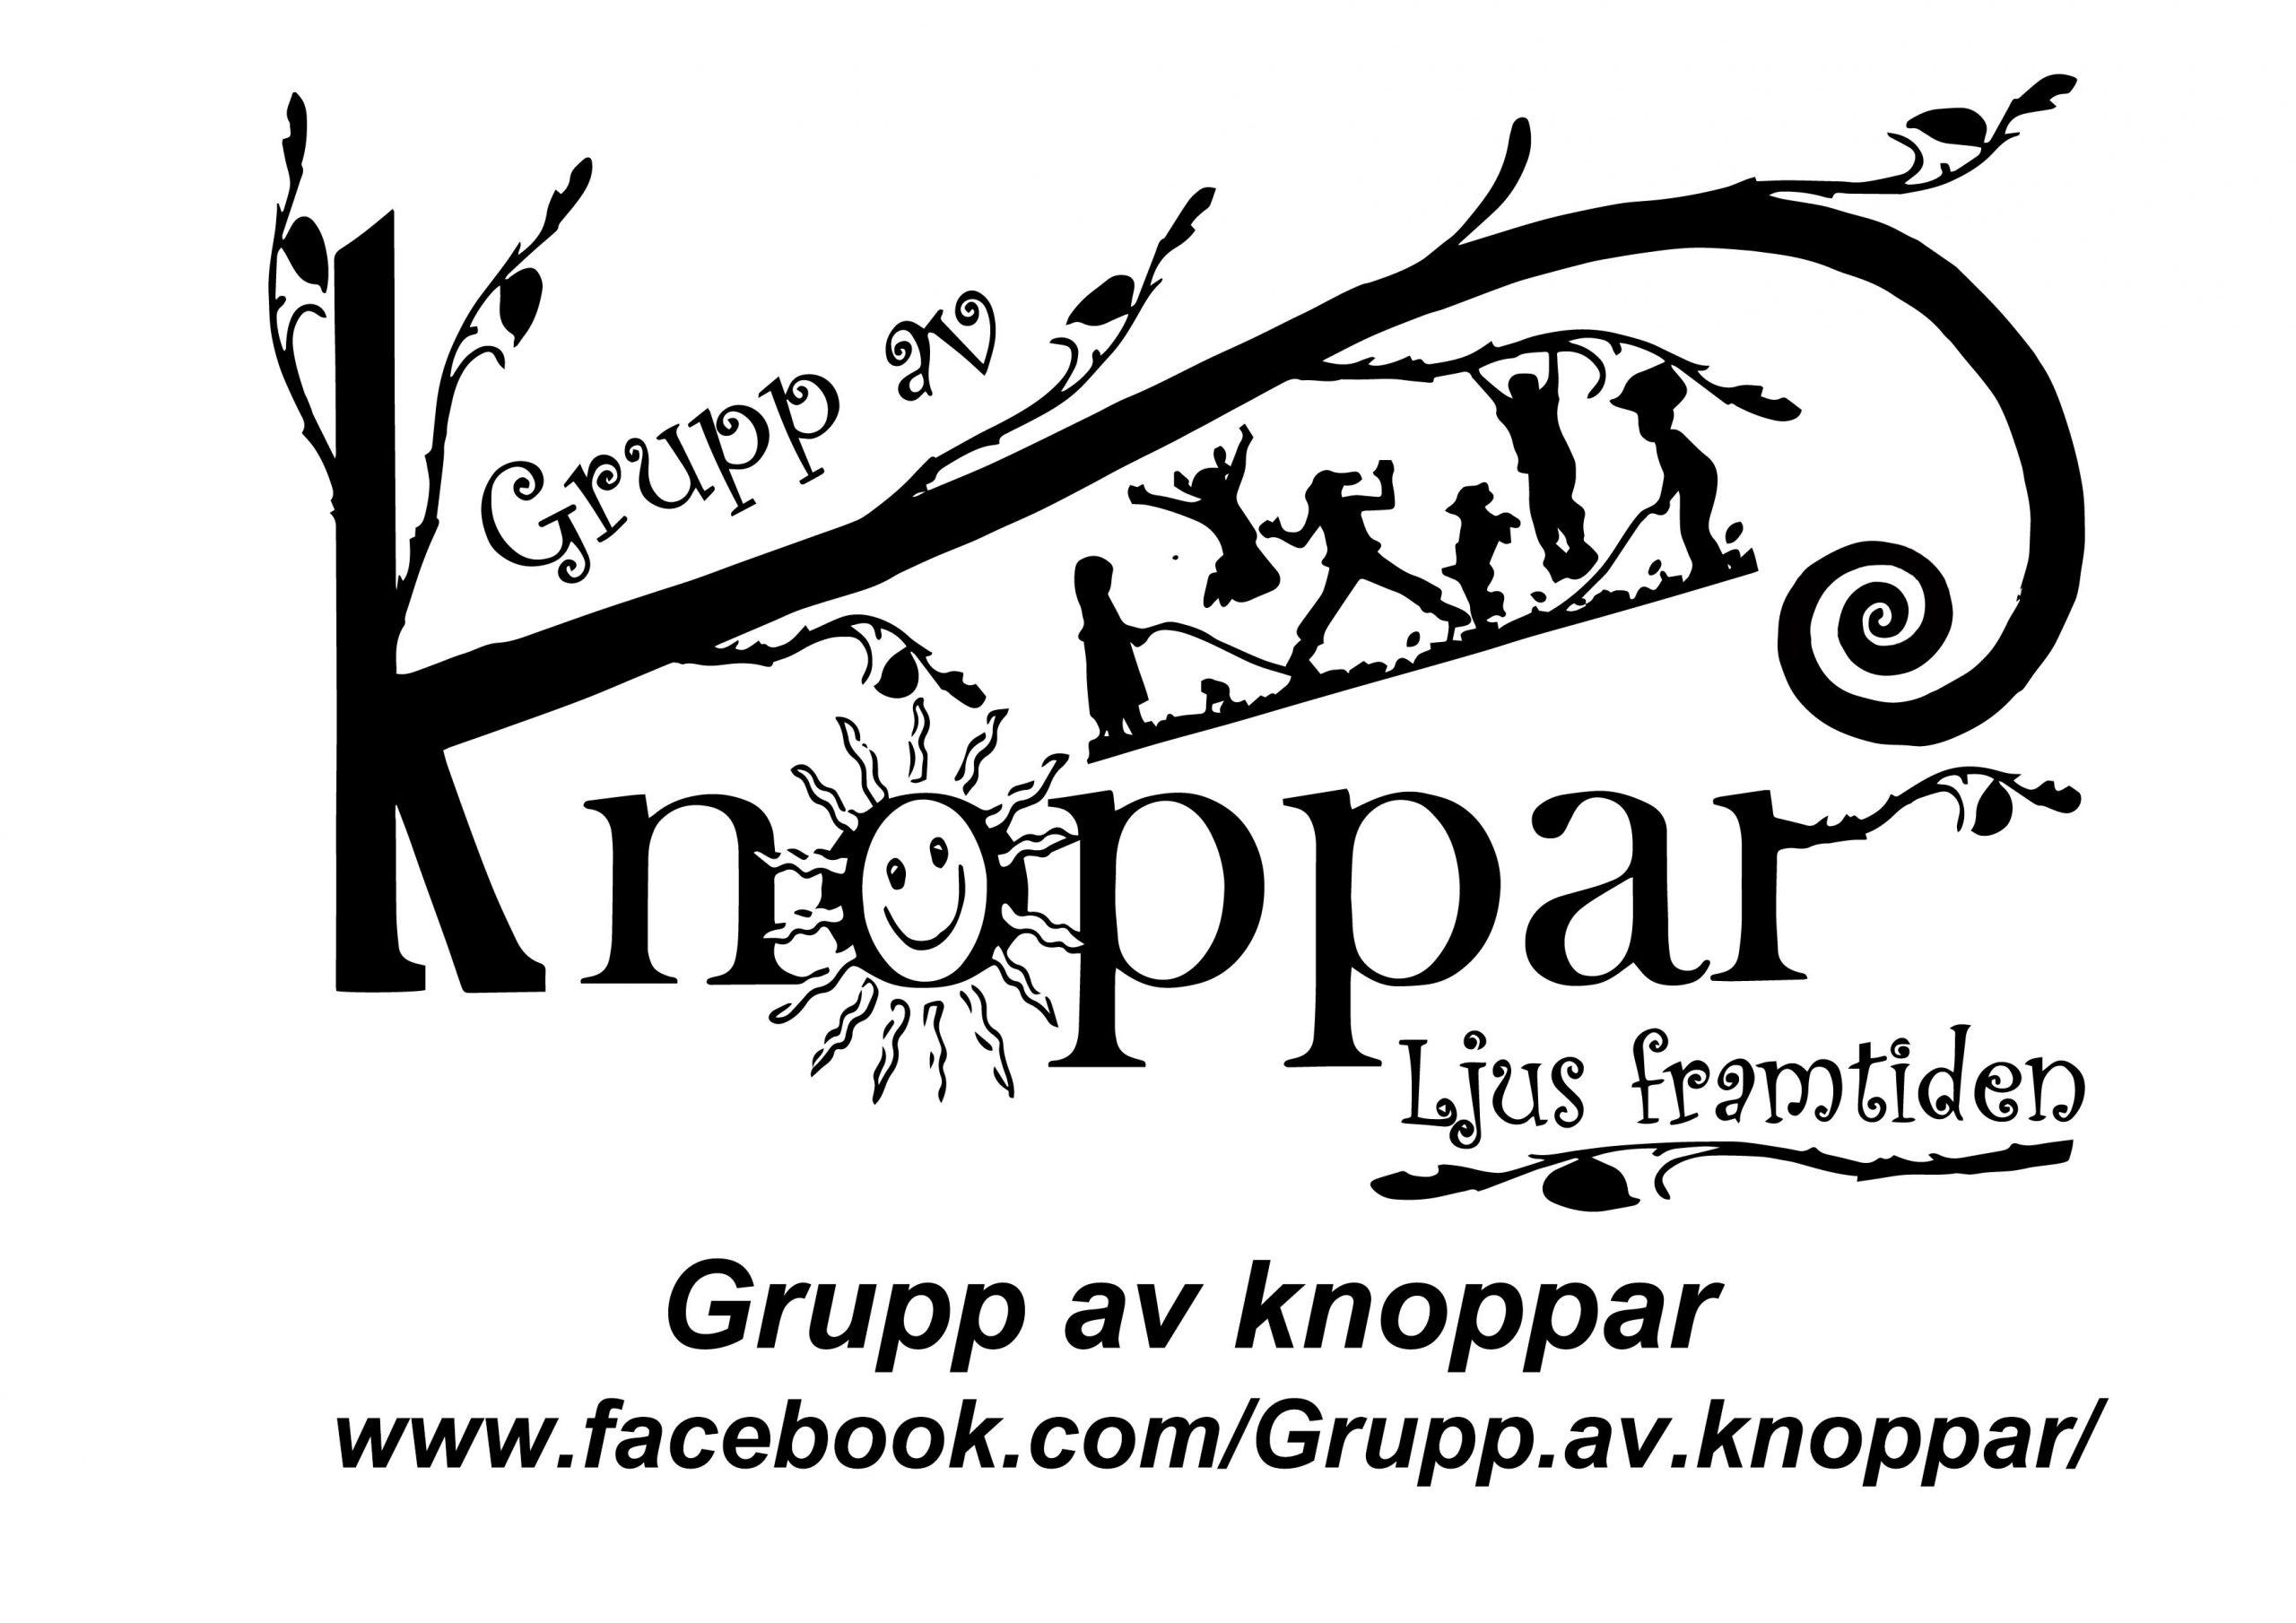 Grupp Av Knoppar